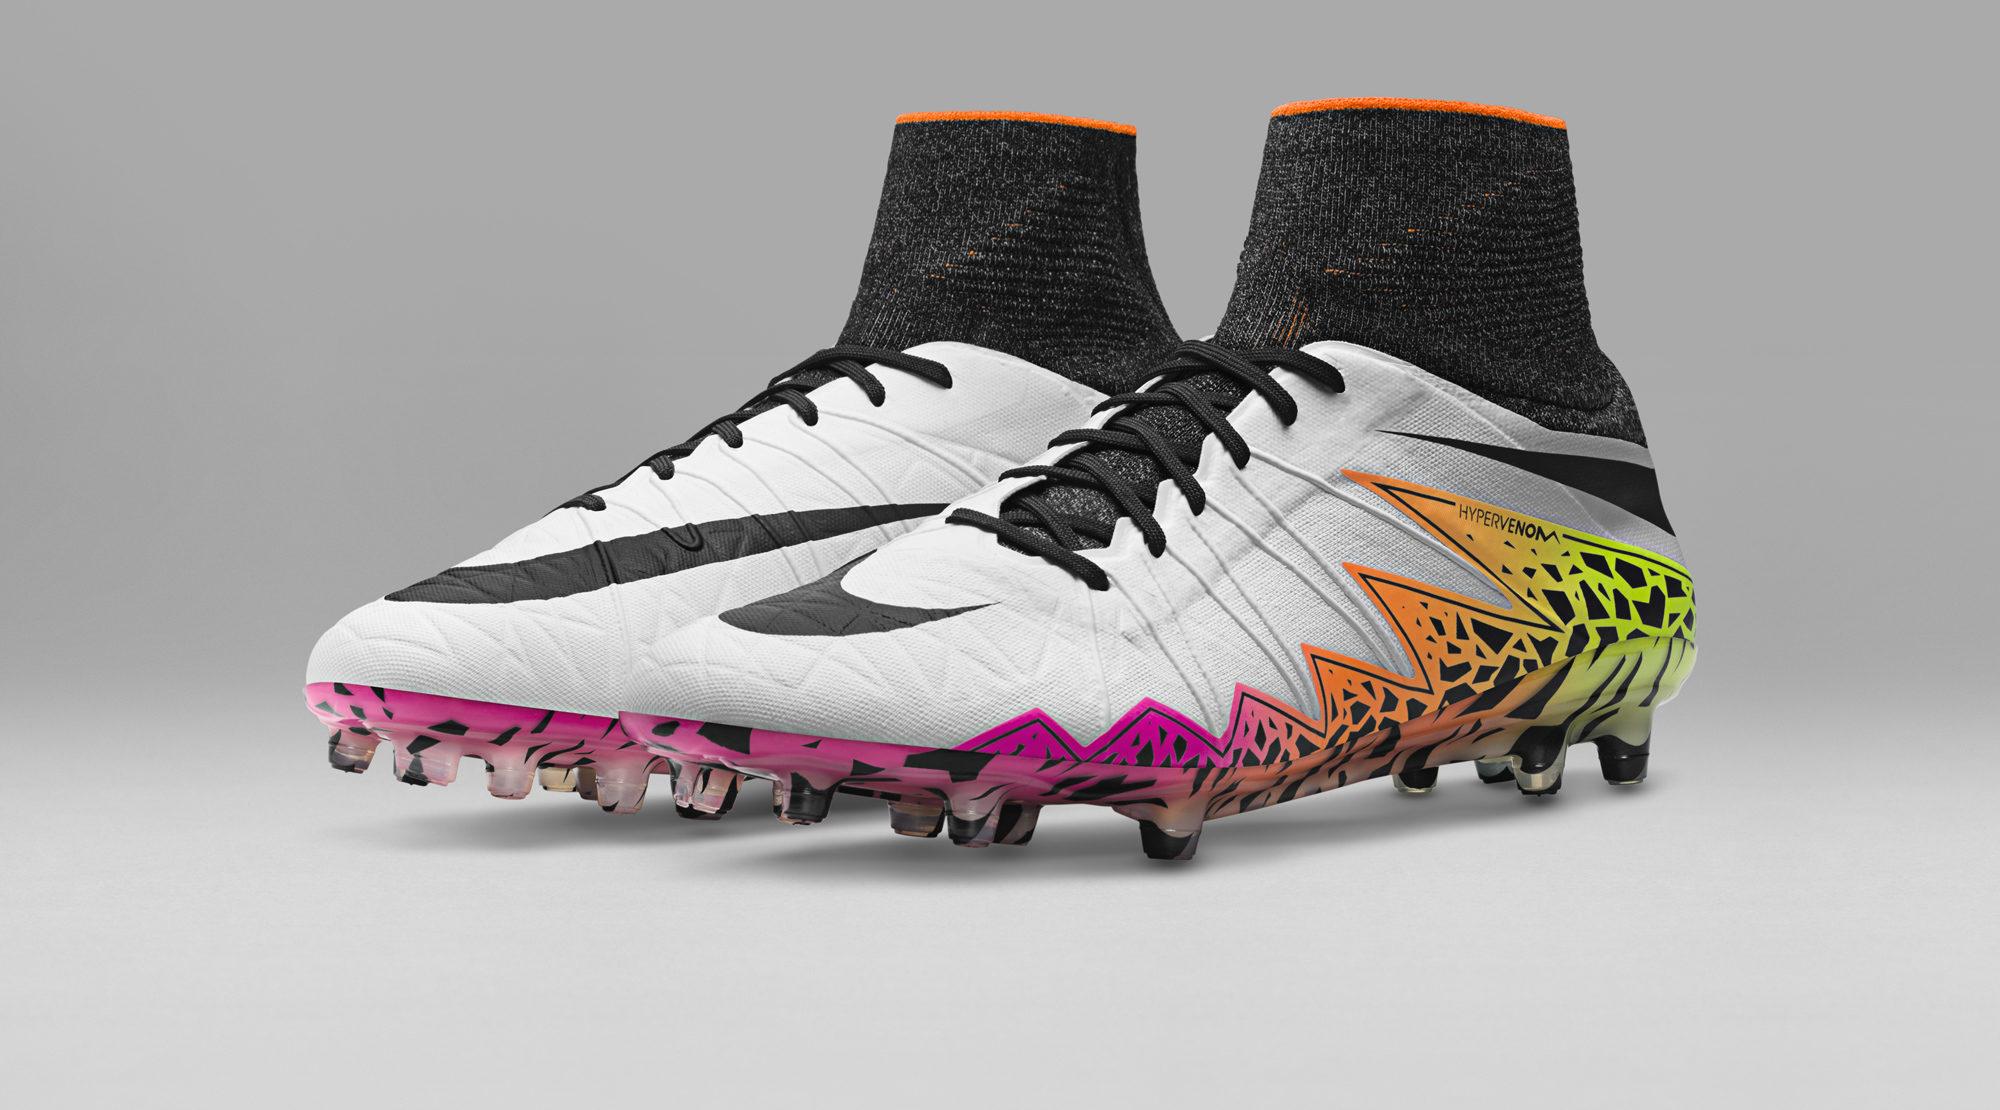 Scarpe da Calcio con Calzino Nike e Adidas  offerte Amazon bambino e  adulto 247a0b6fd7c